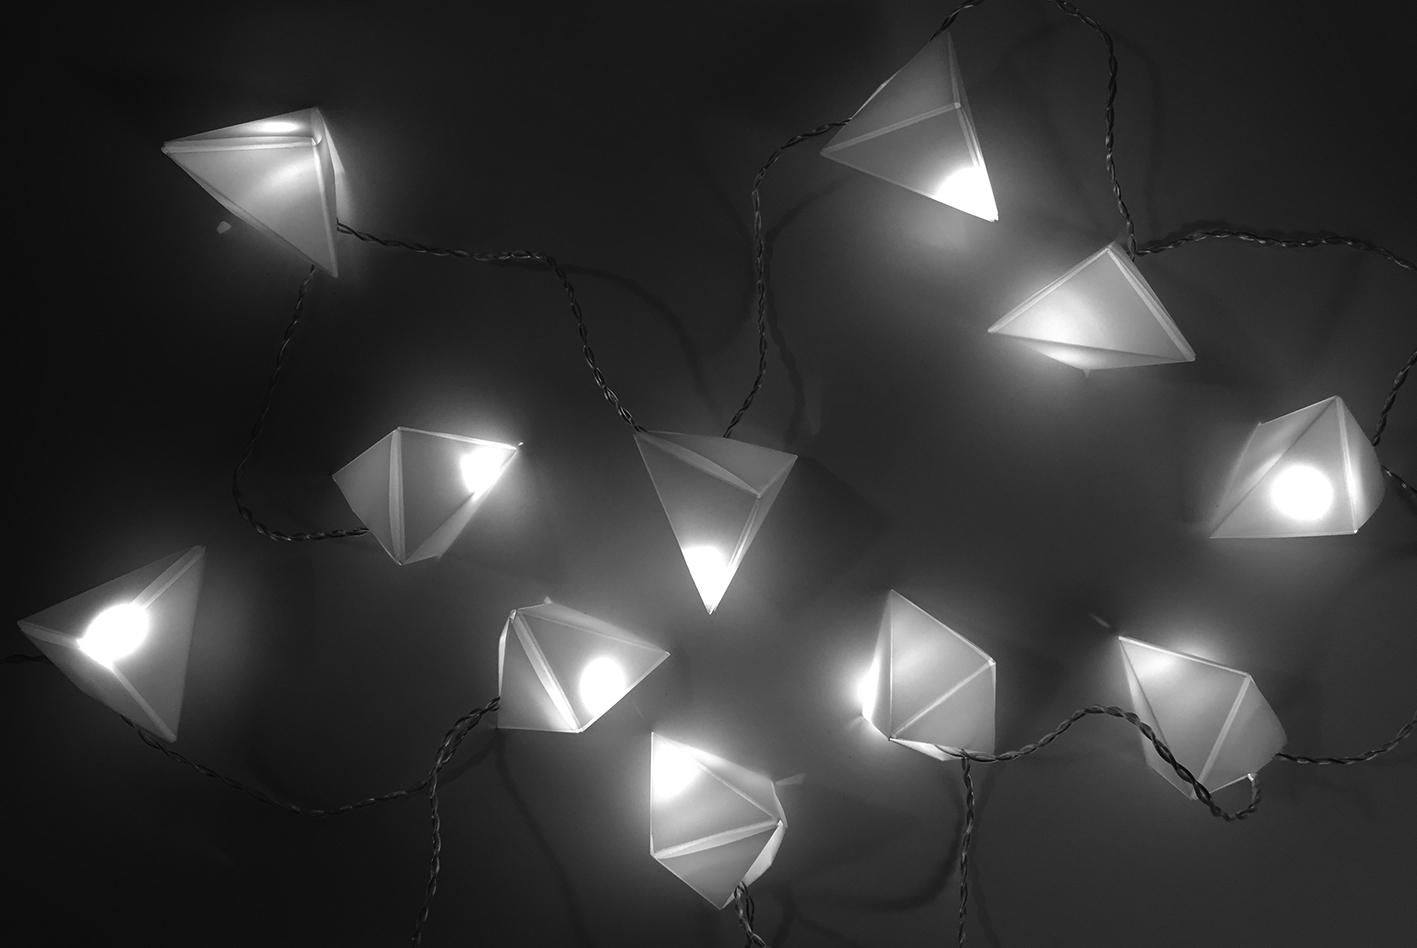 lanternas-8x12-preto-e-branco